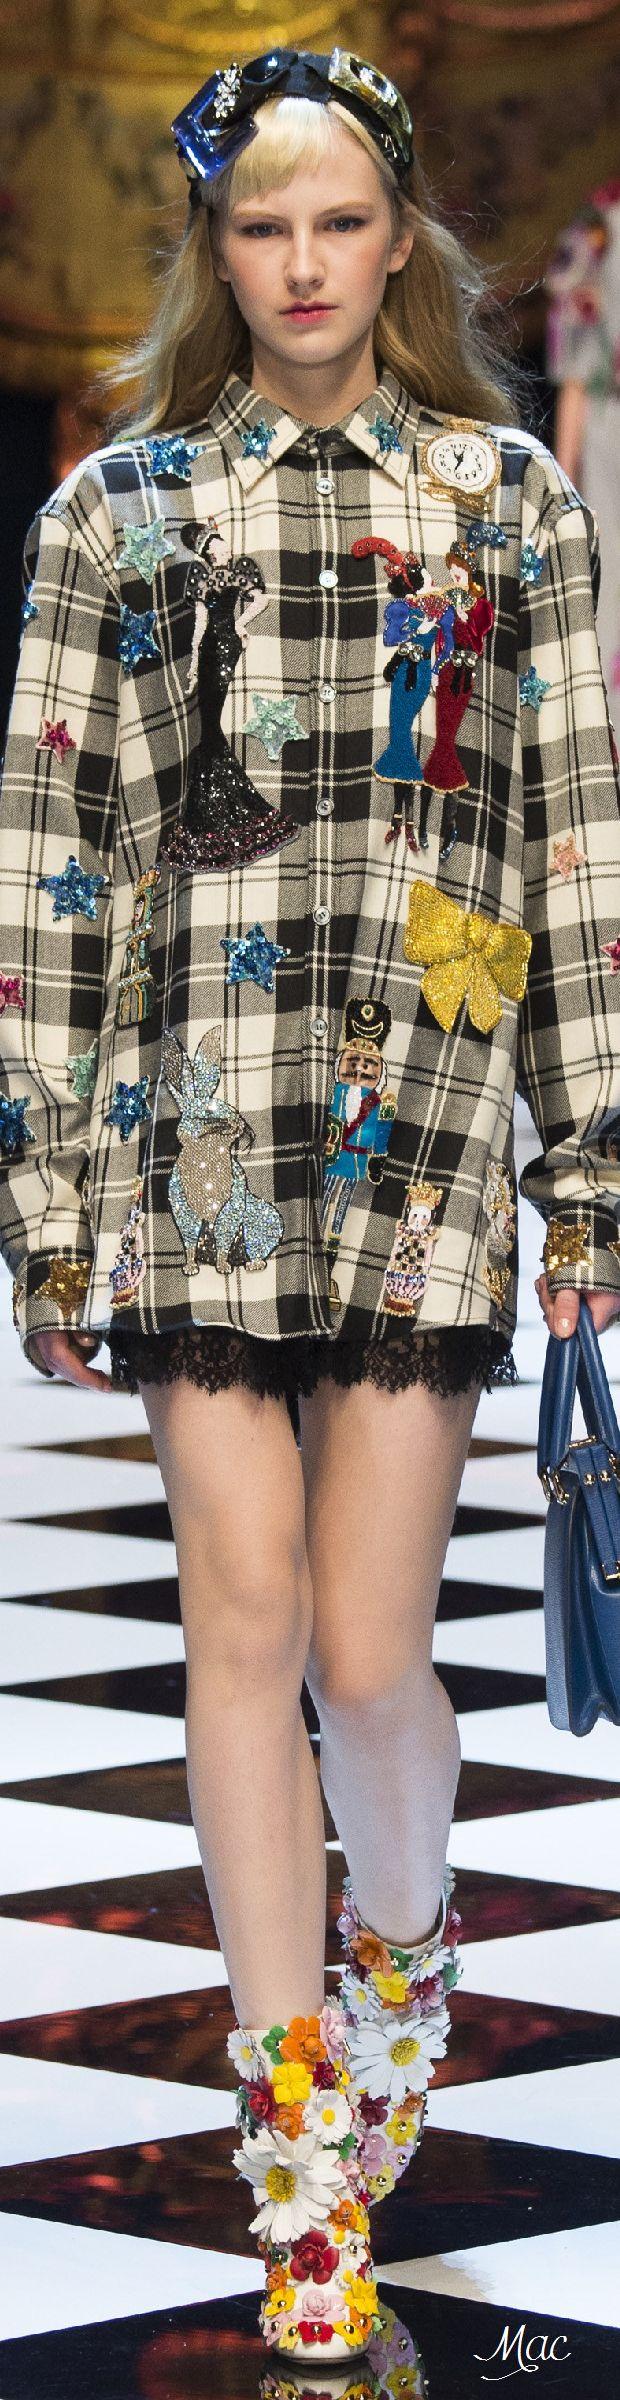 Fall 2016 Ready-to-Wear Dolce & Gabbana